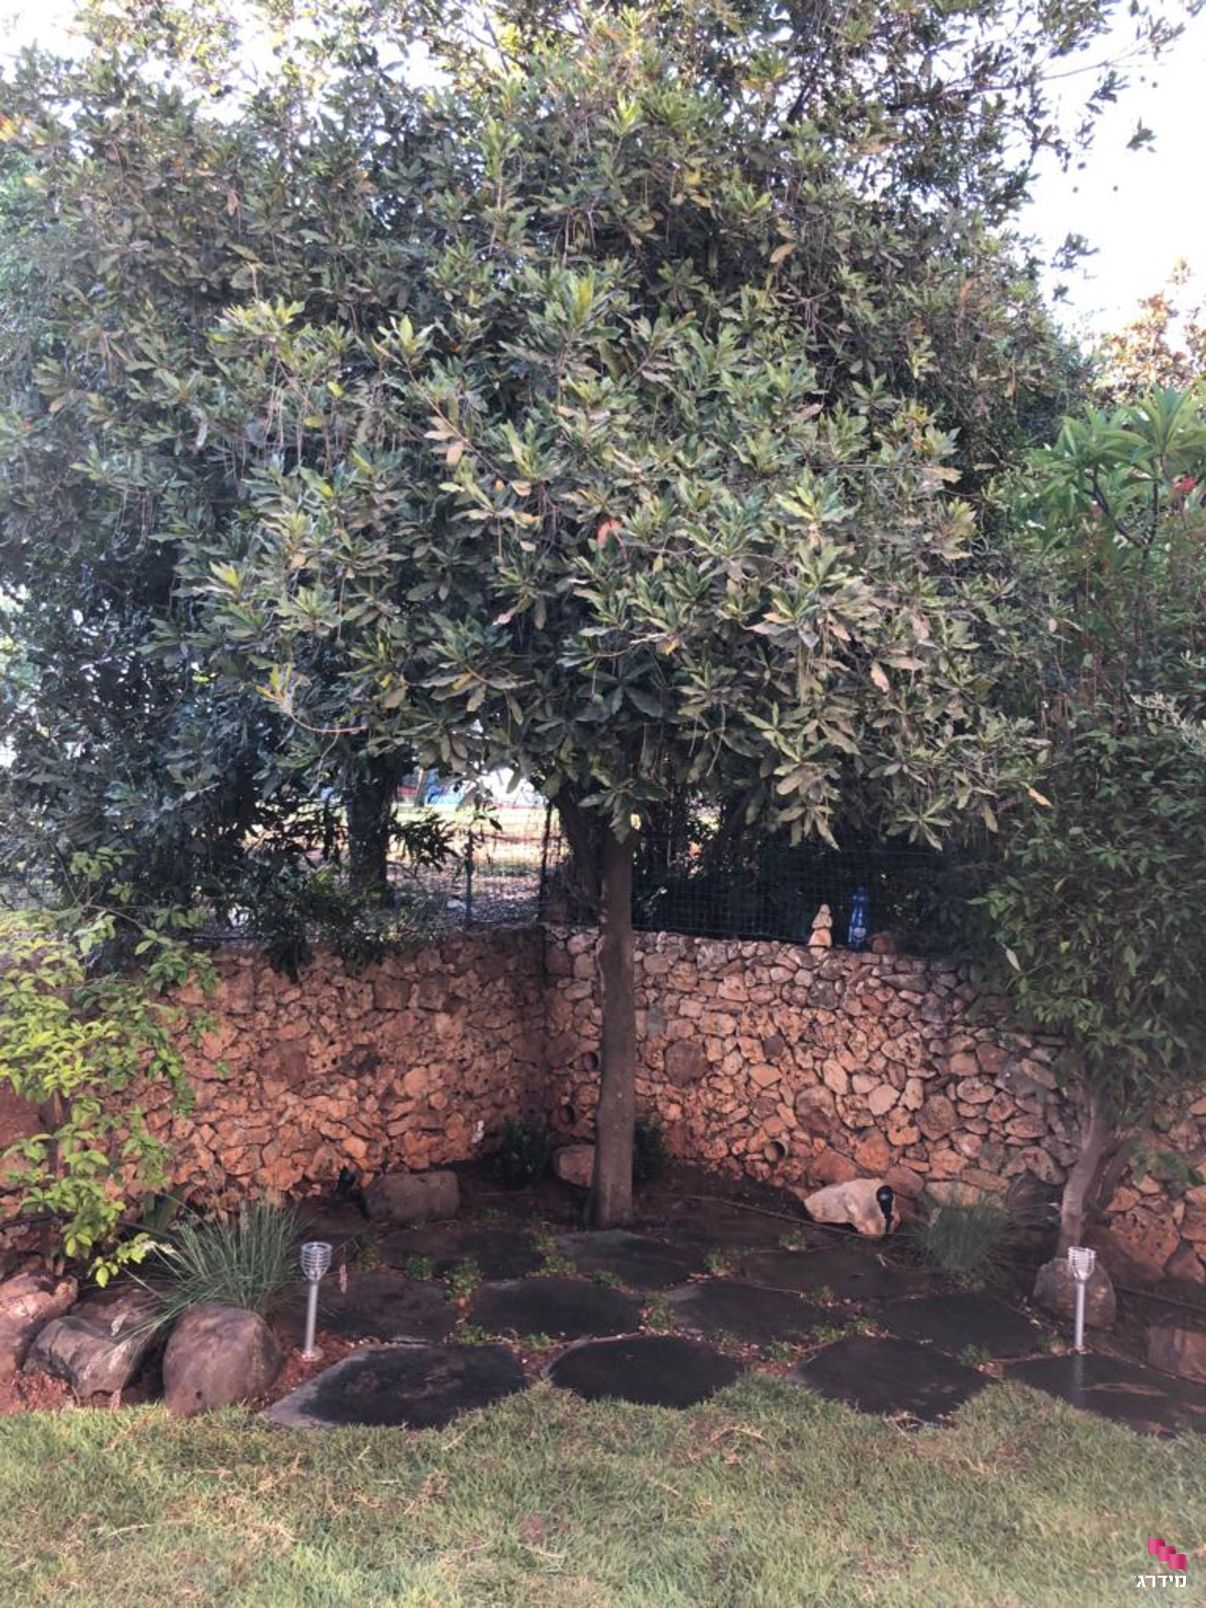 עץ בגינה | מחירים של מערכות השקיה - מידרג